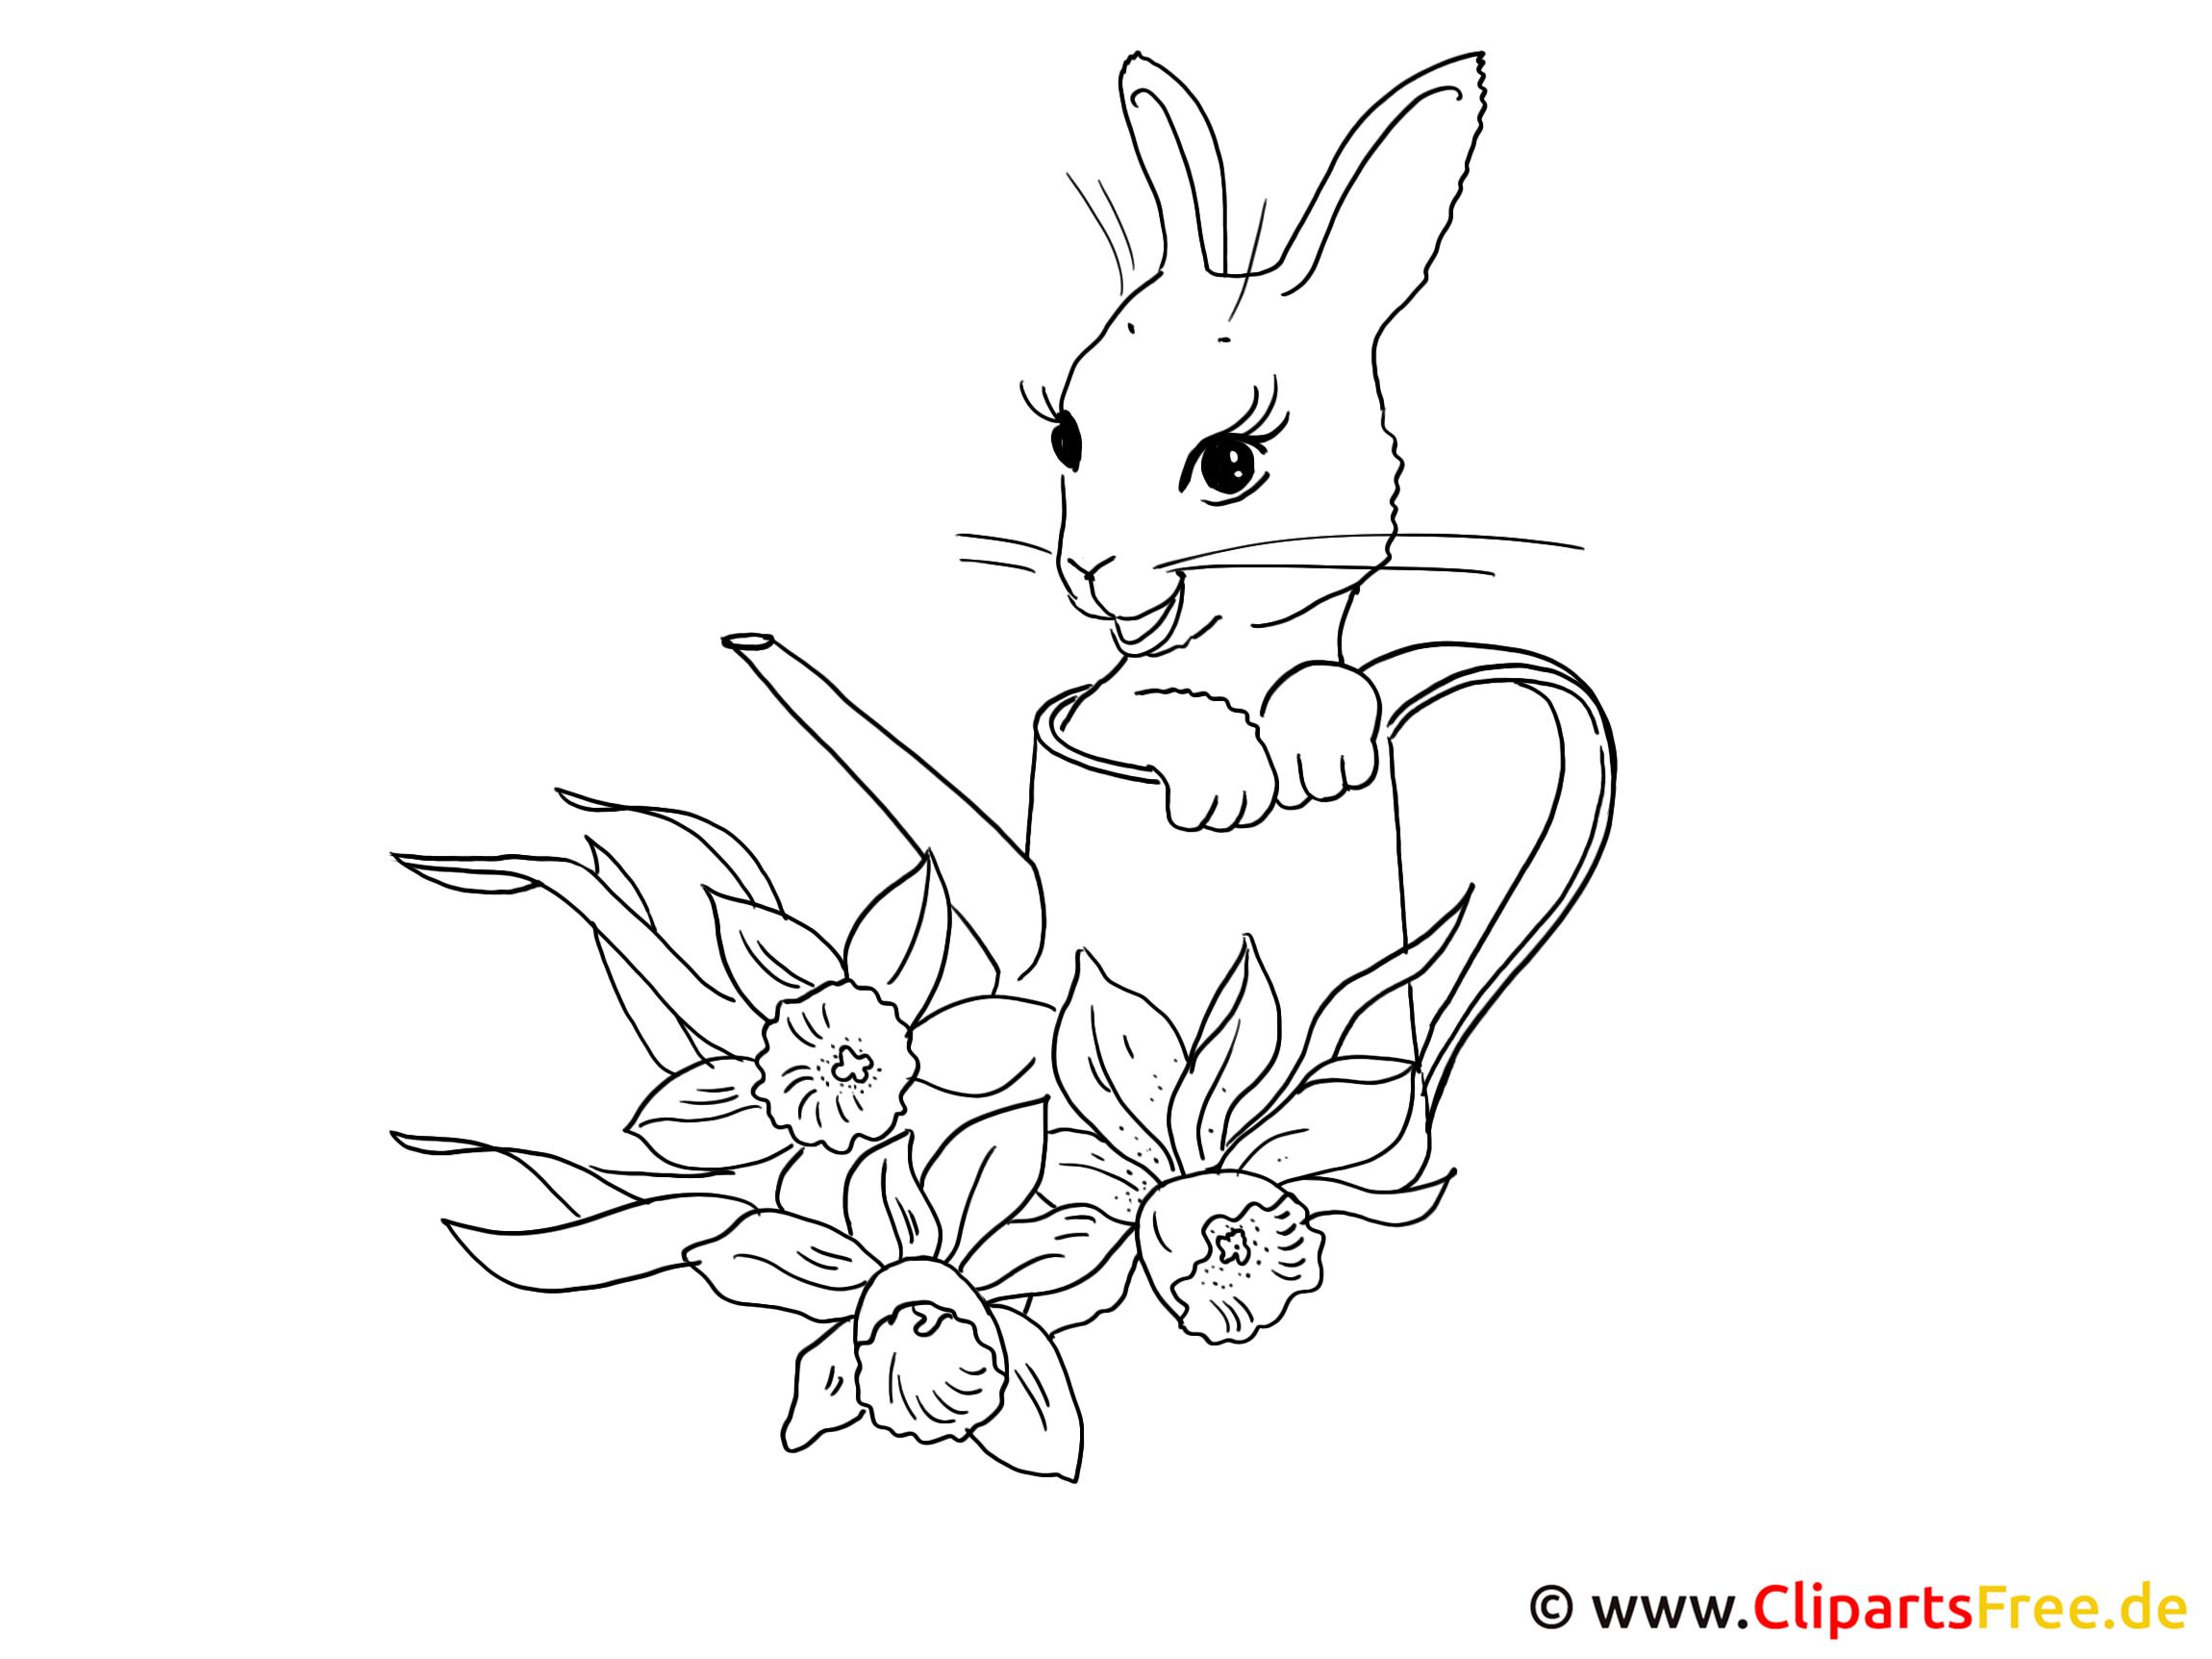 Ostern Ausmalbild mit Kaninchen